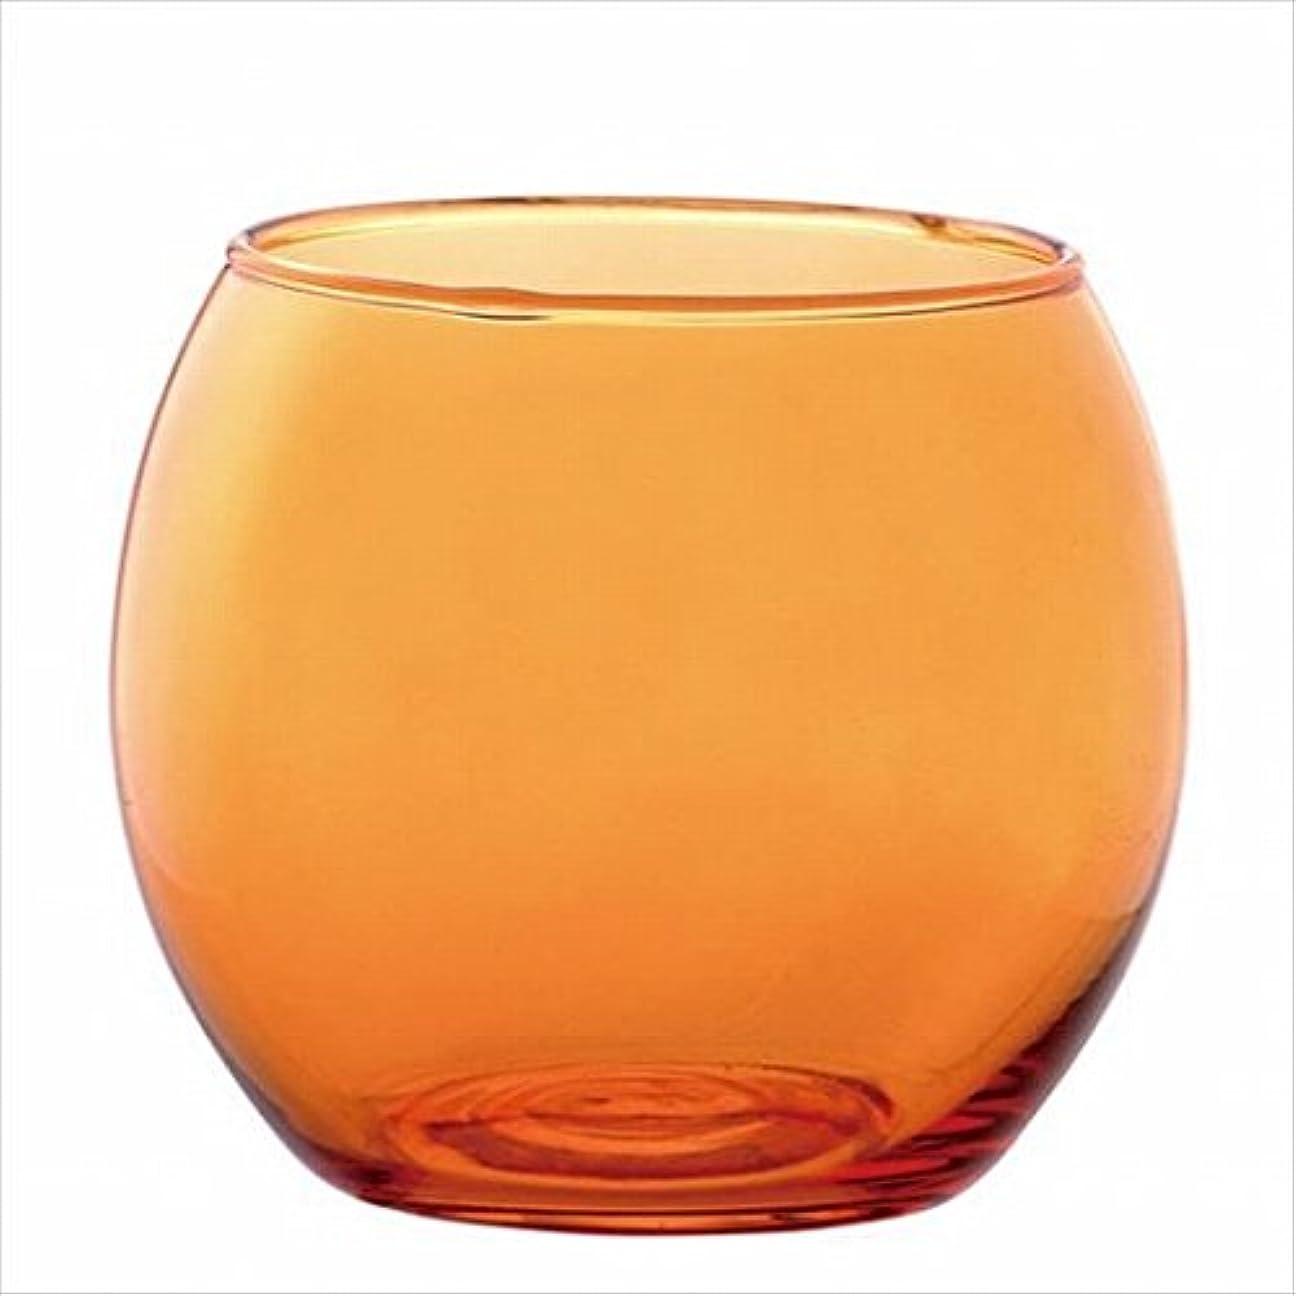 カメヤマキャンドル( kameyama candle ) スフィアキャンドルホルダー 「 オレンジ 」